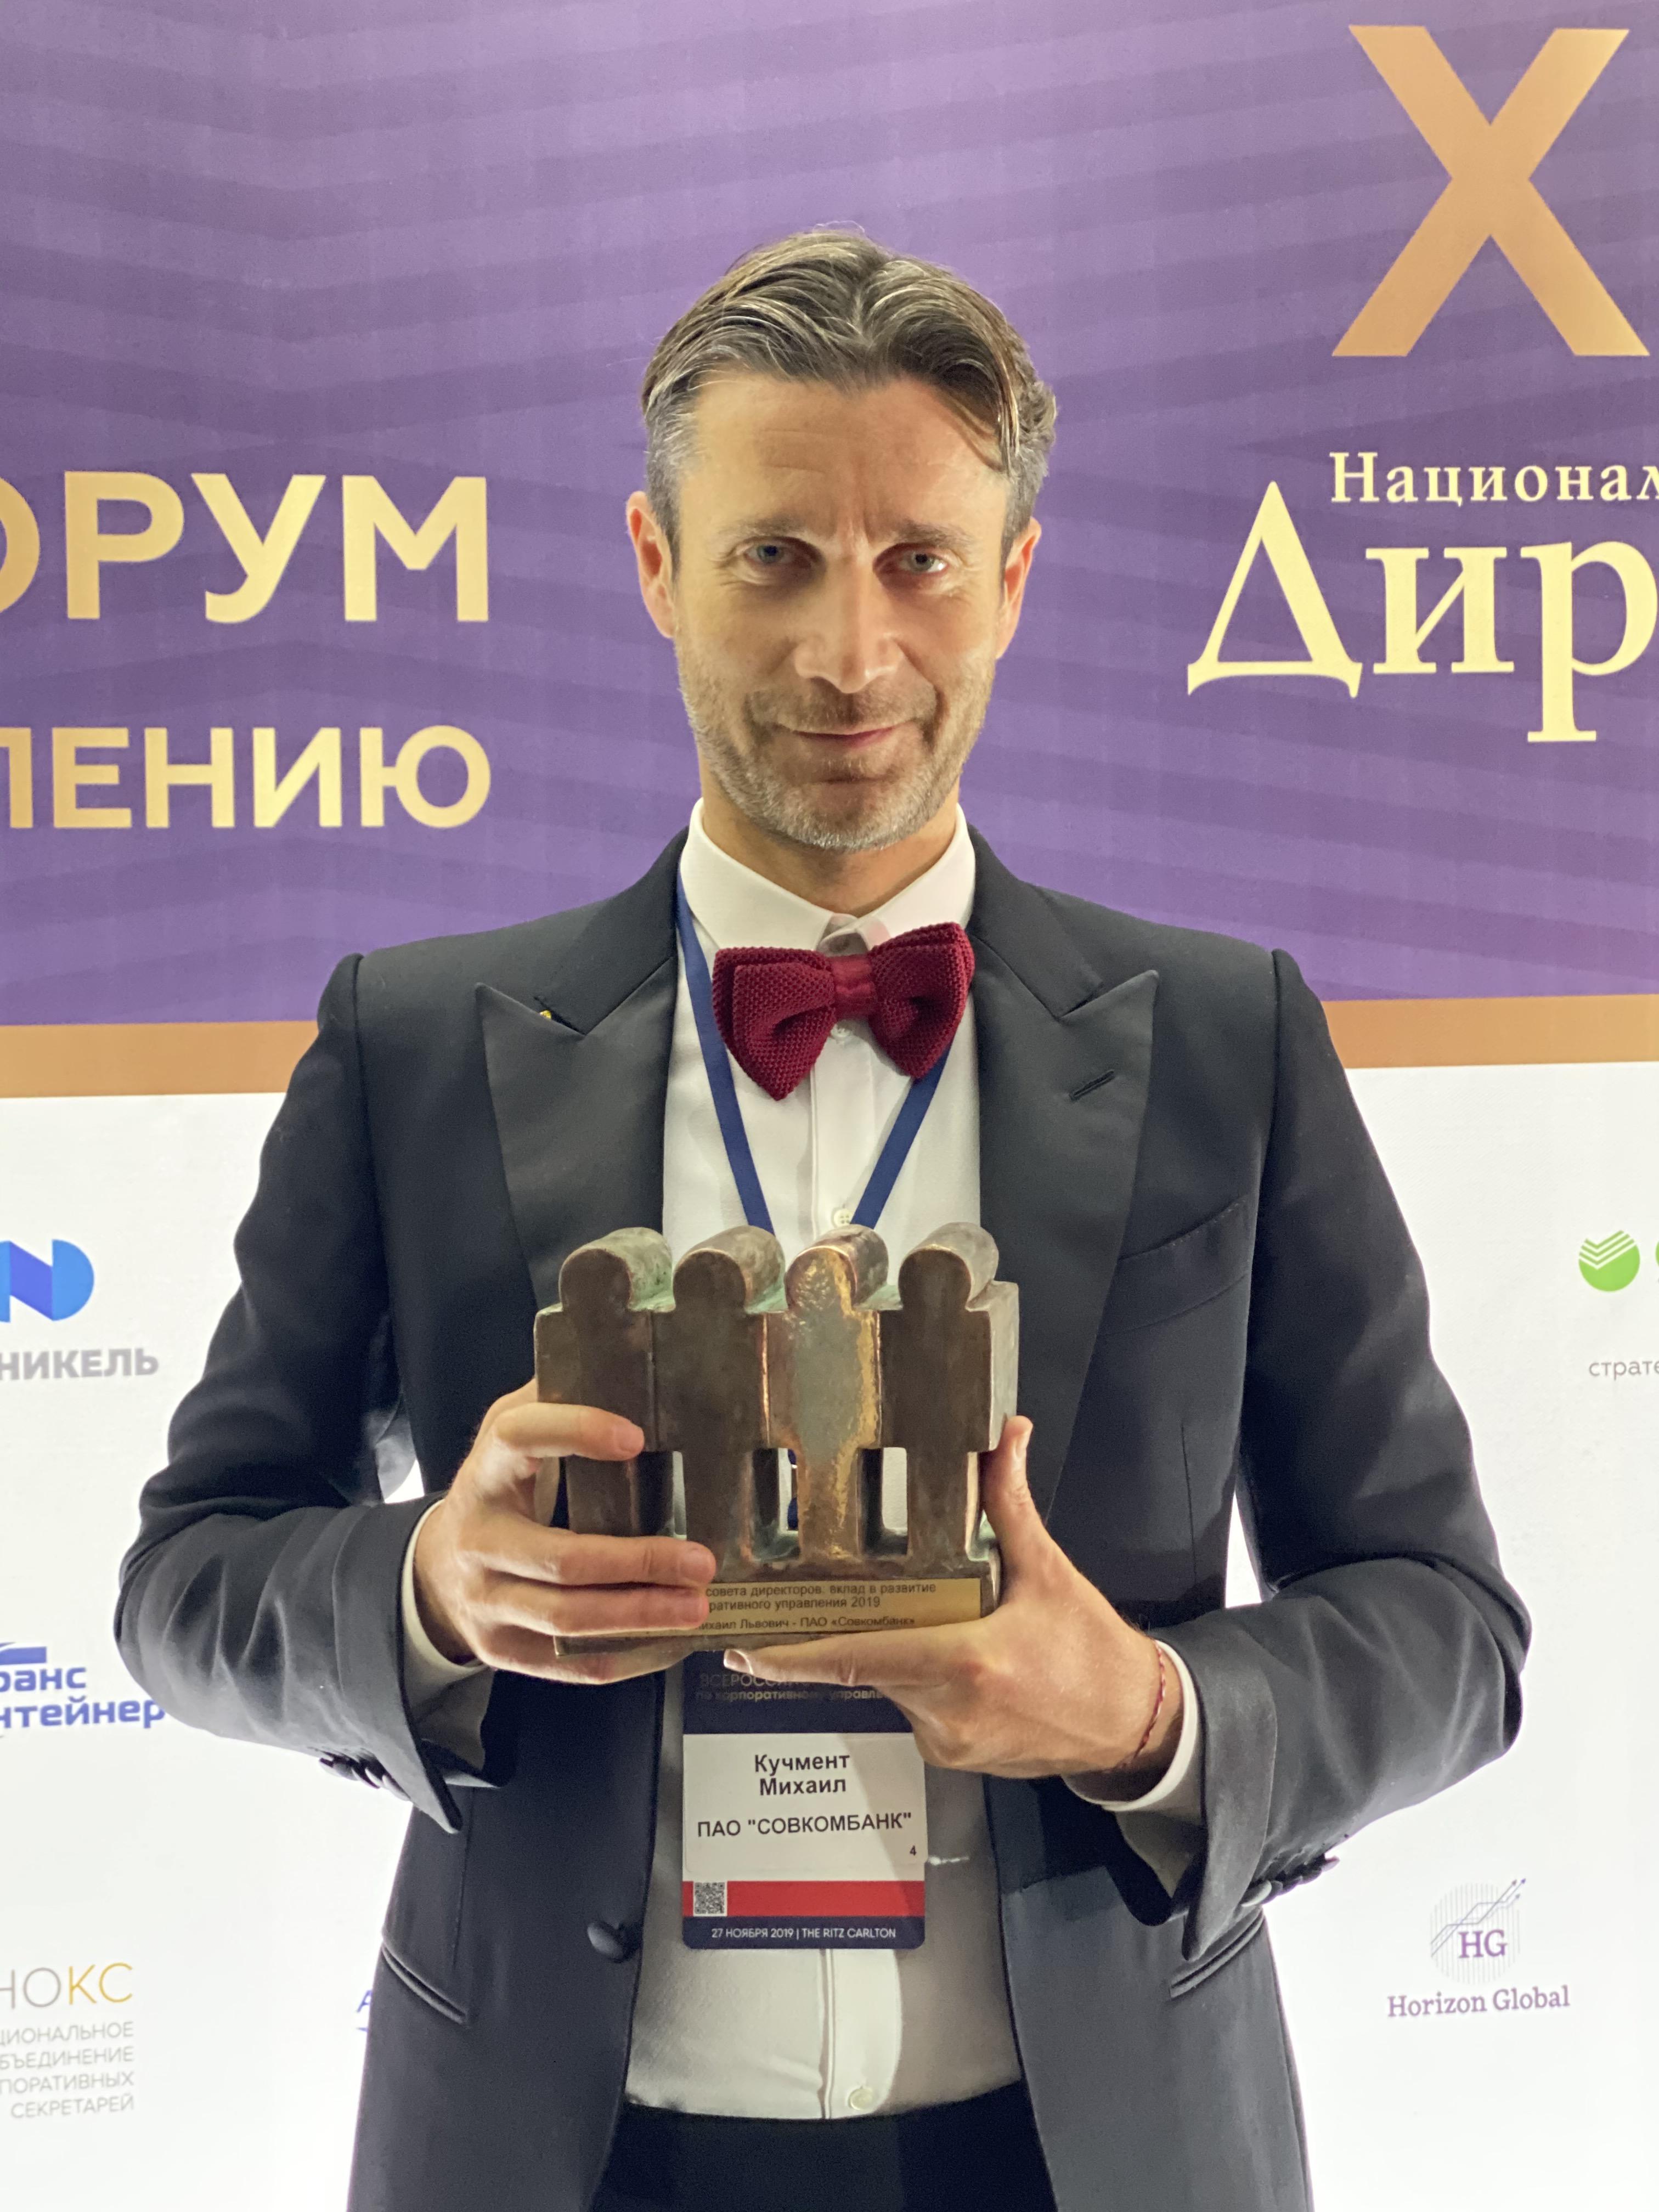 Председатель Наблюдательного совета Совкомбанка Михаил Кучмент стал лауреатом премии «Директор года»